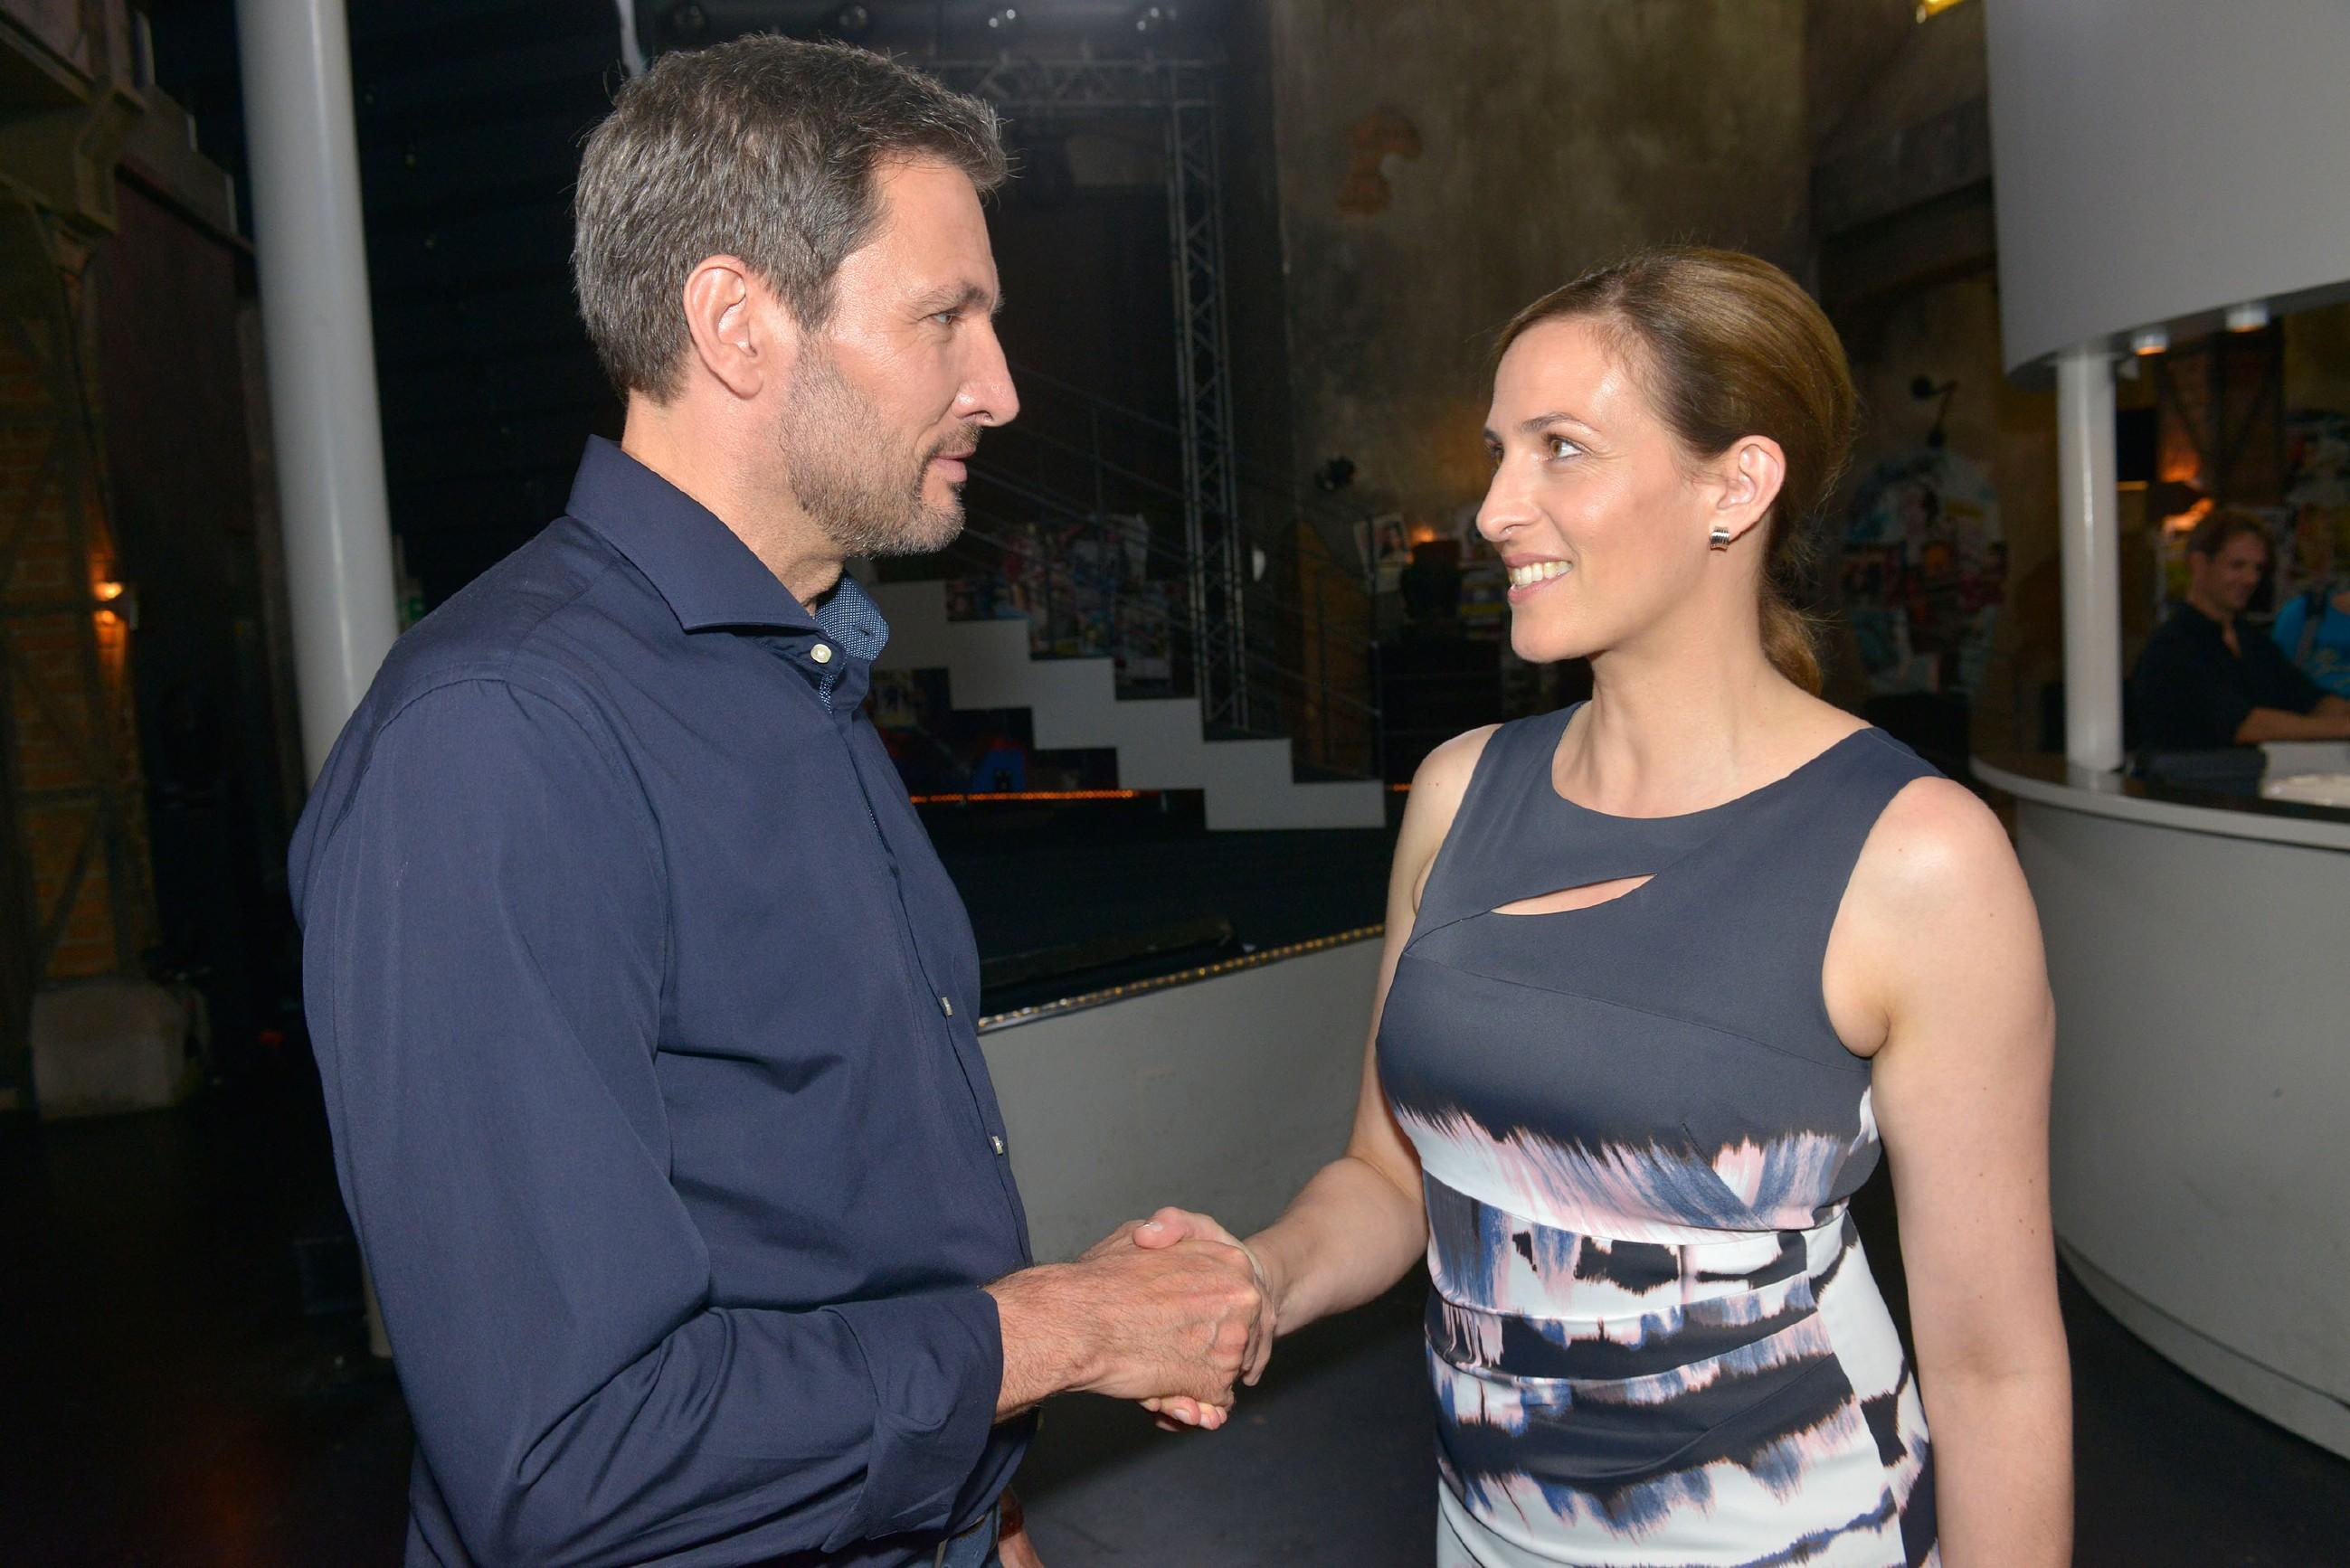 Katrin (Ulrike Frank) trifft den charmanten Arzt Frederic Riefflin (Dieter Bach) wieder und wird von ihm zum Essen eingeladen.  (Quelle: © RTL / Rolf Baumgartner)